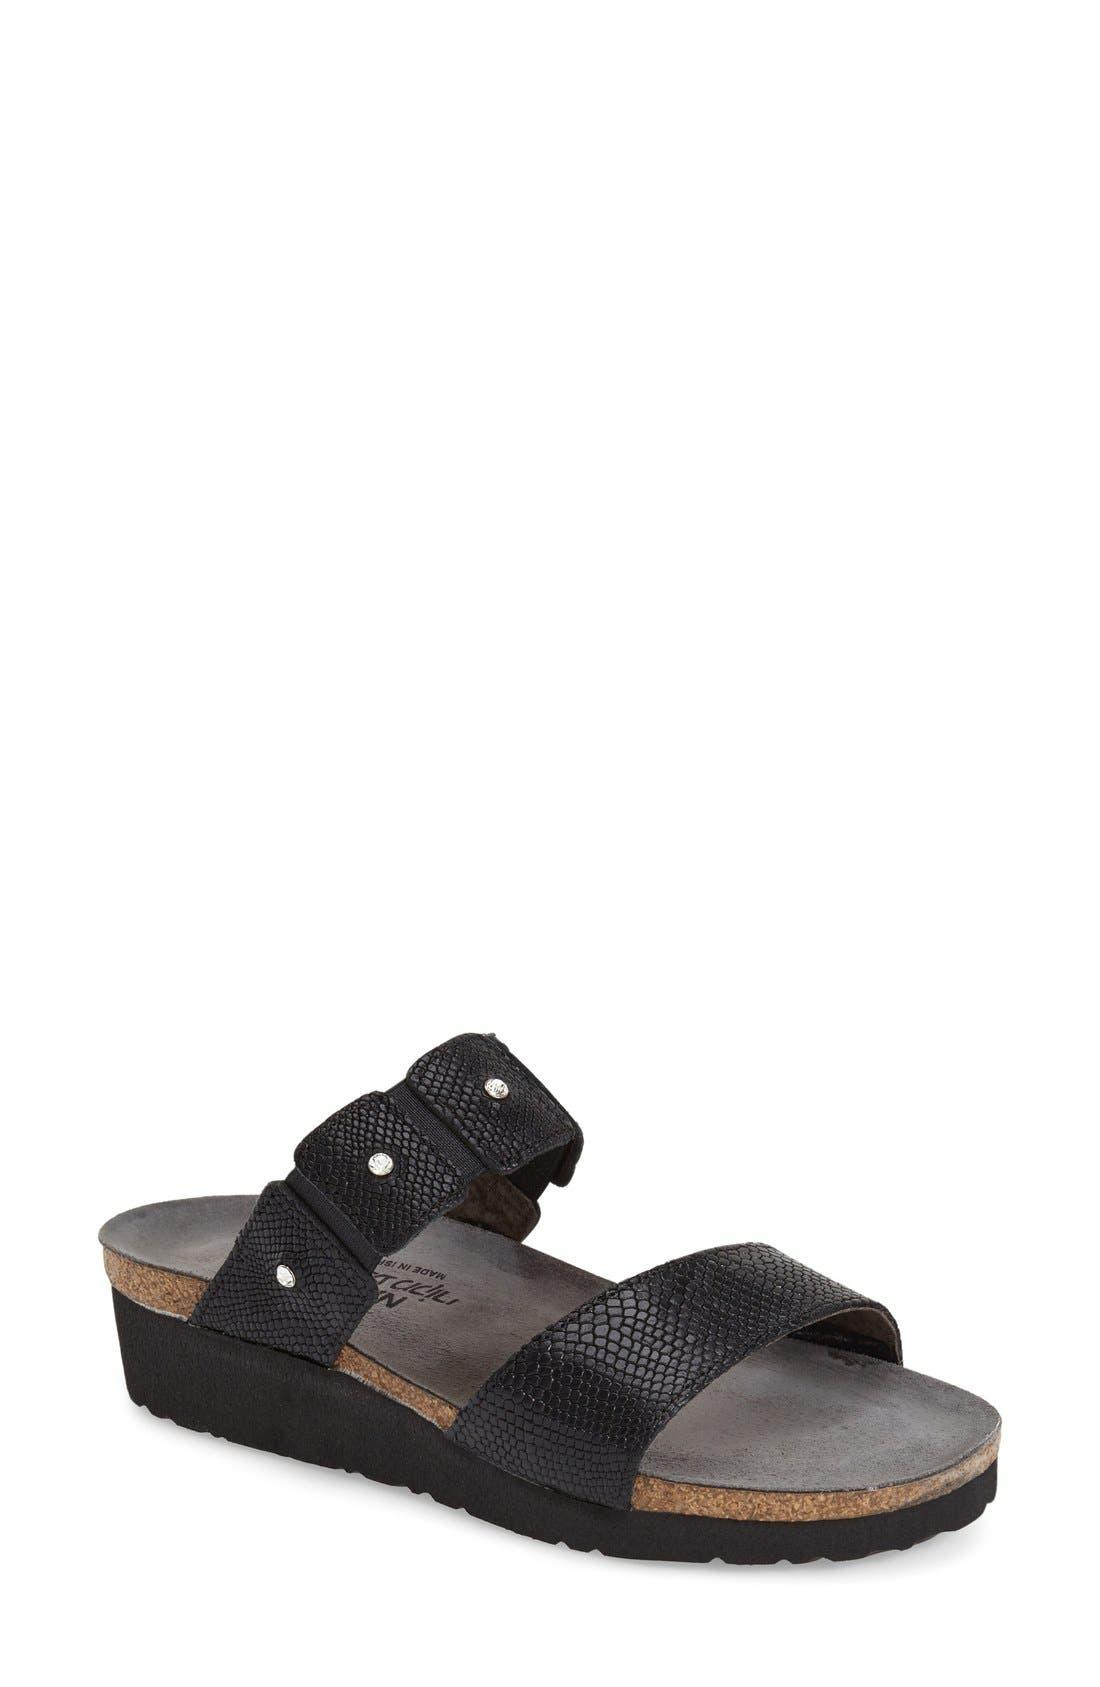 'Ashley' Sandal,                         Main,                         color, BLACK SNAKE LEATHER